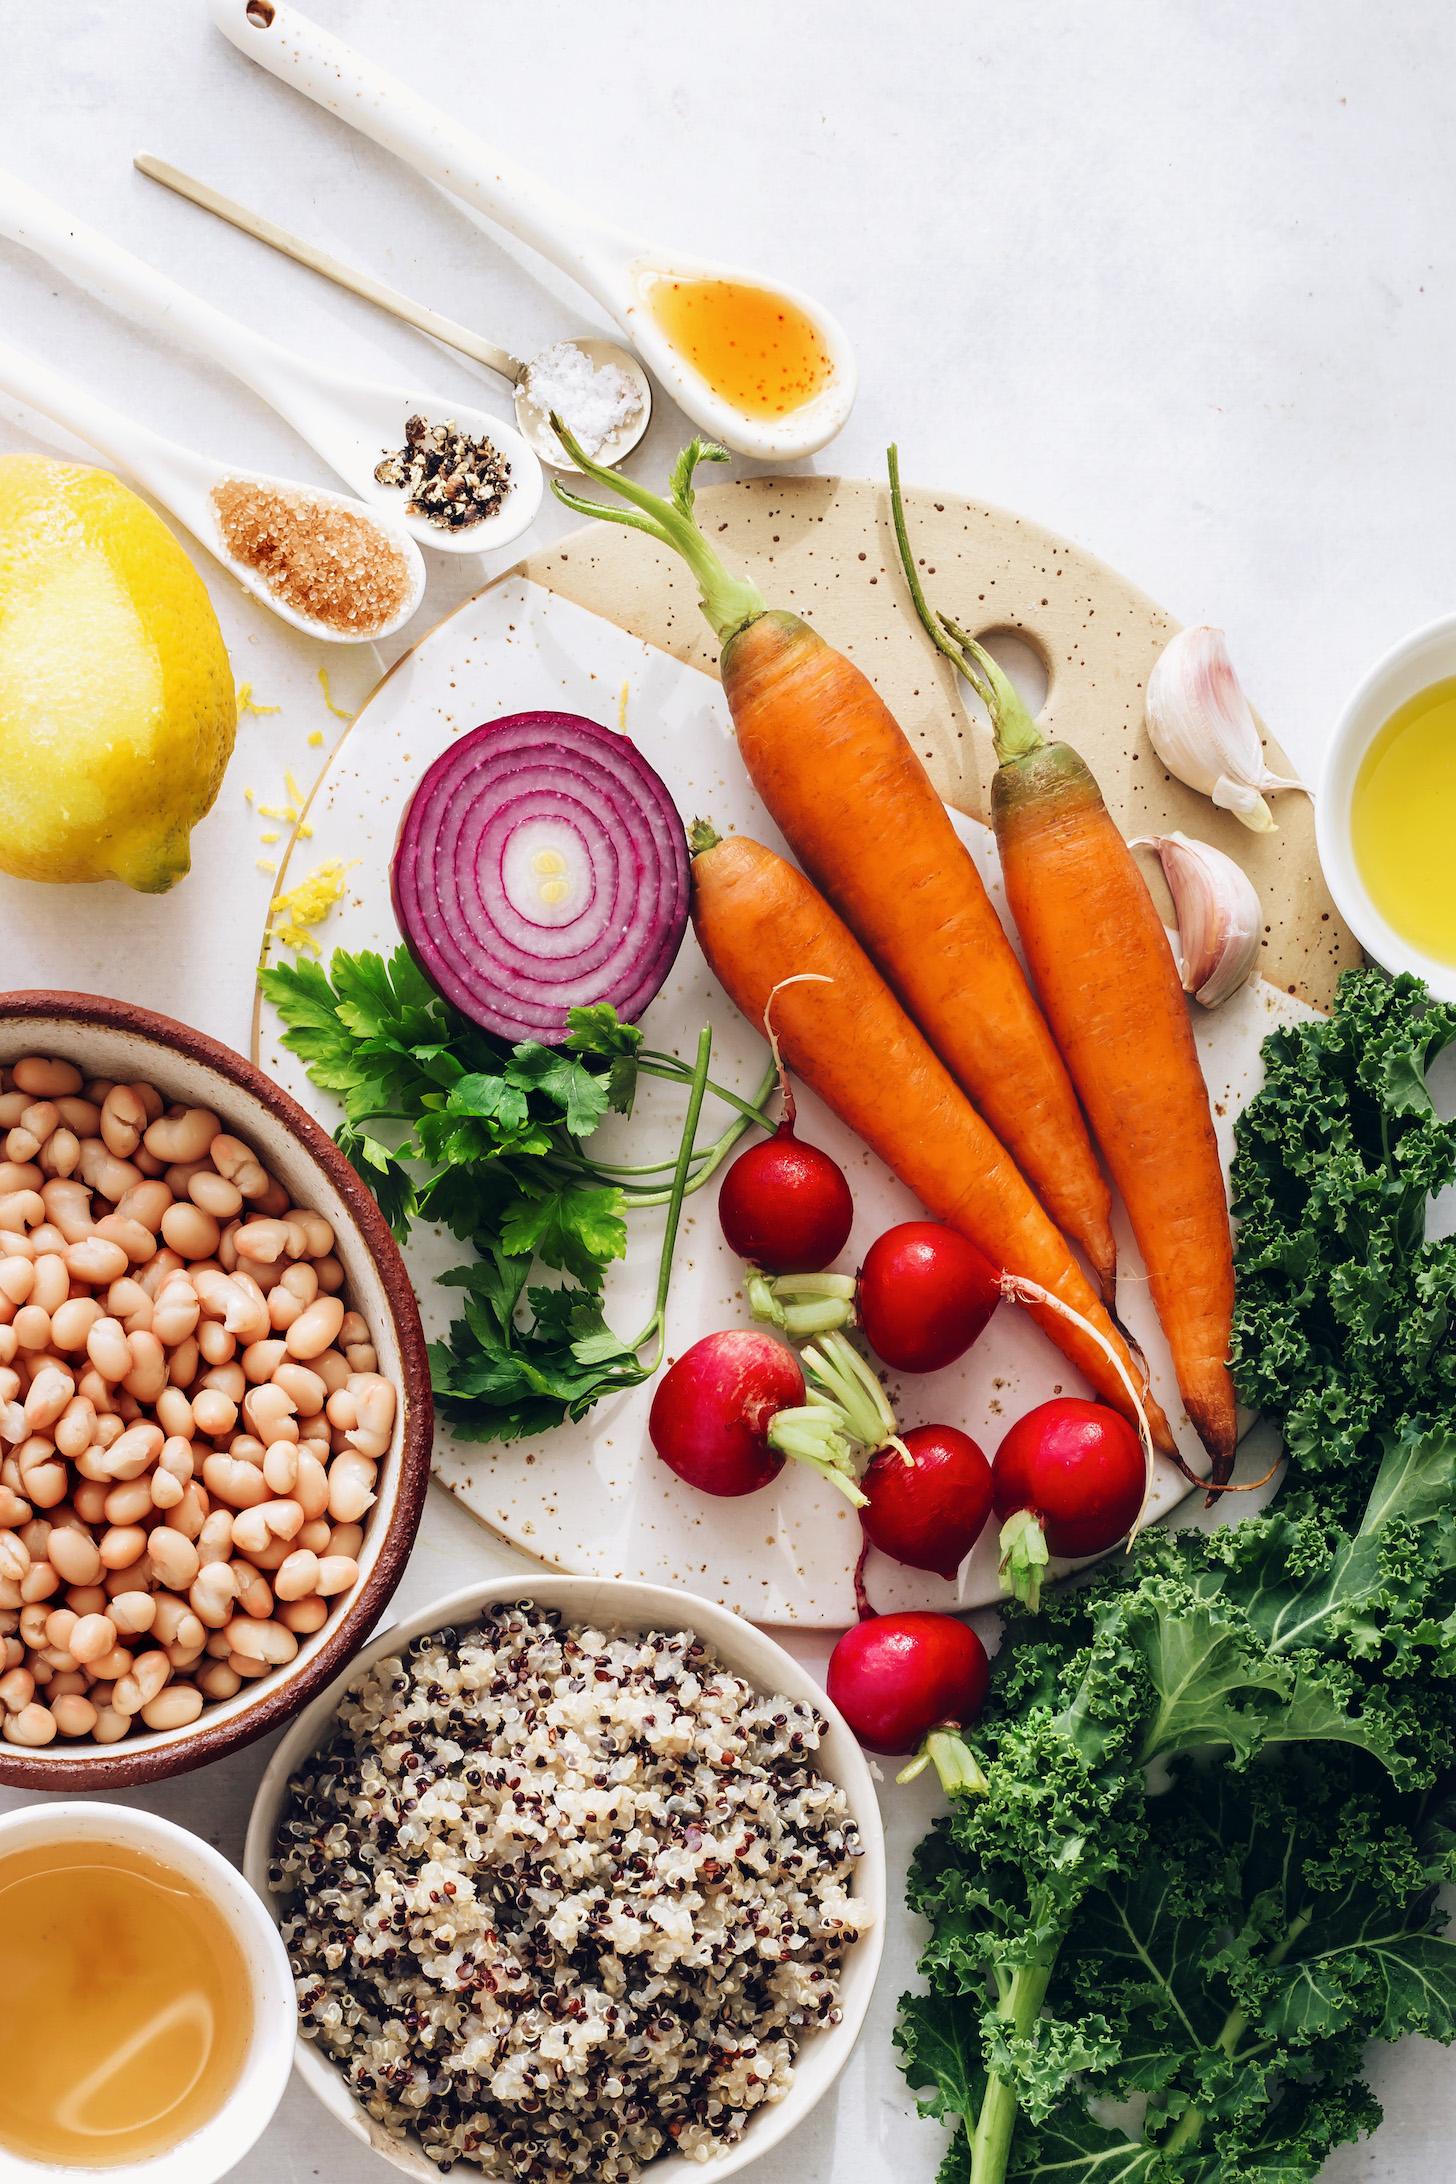 Haricots blancs, quinoa, légumes frais du printemps, ail, citron, huile d'olive, sel, poivre et vinaigre